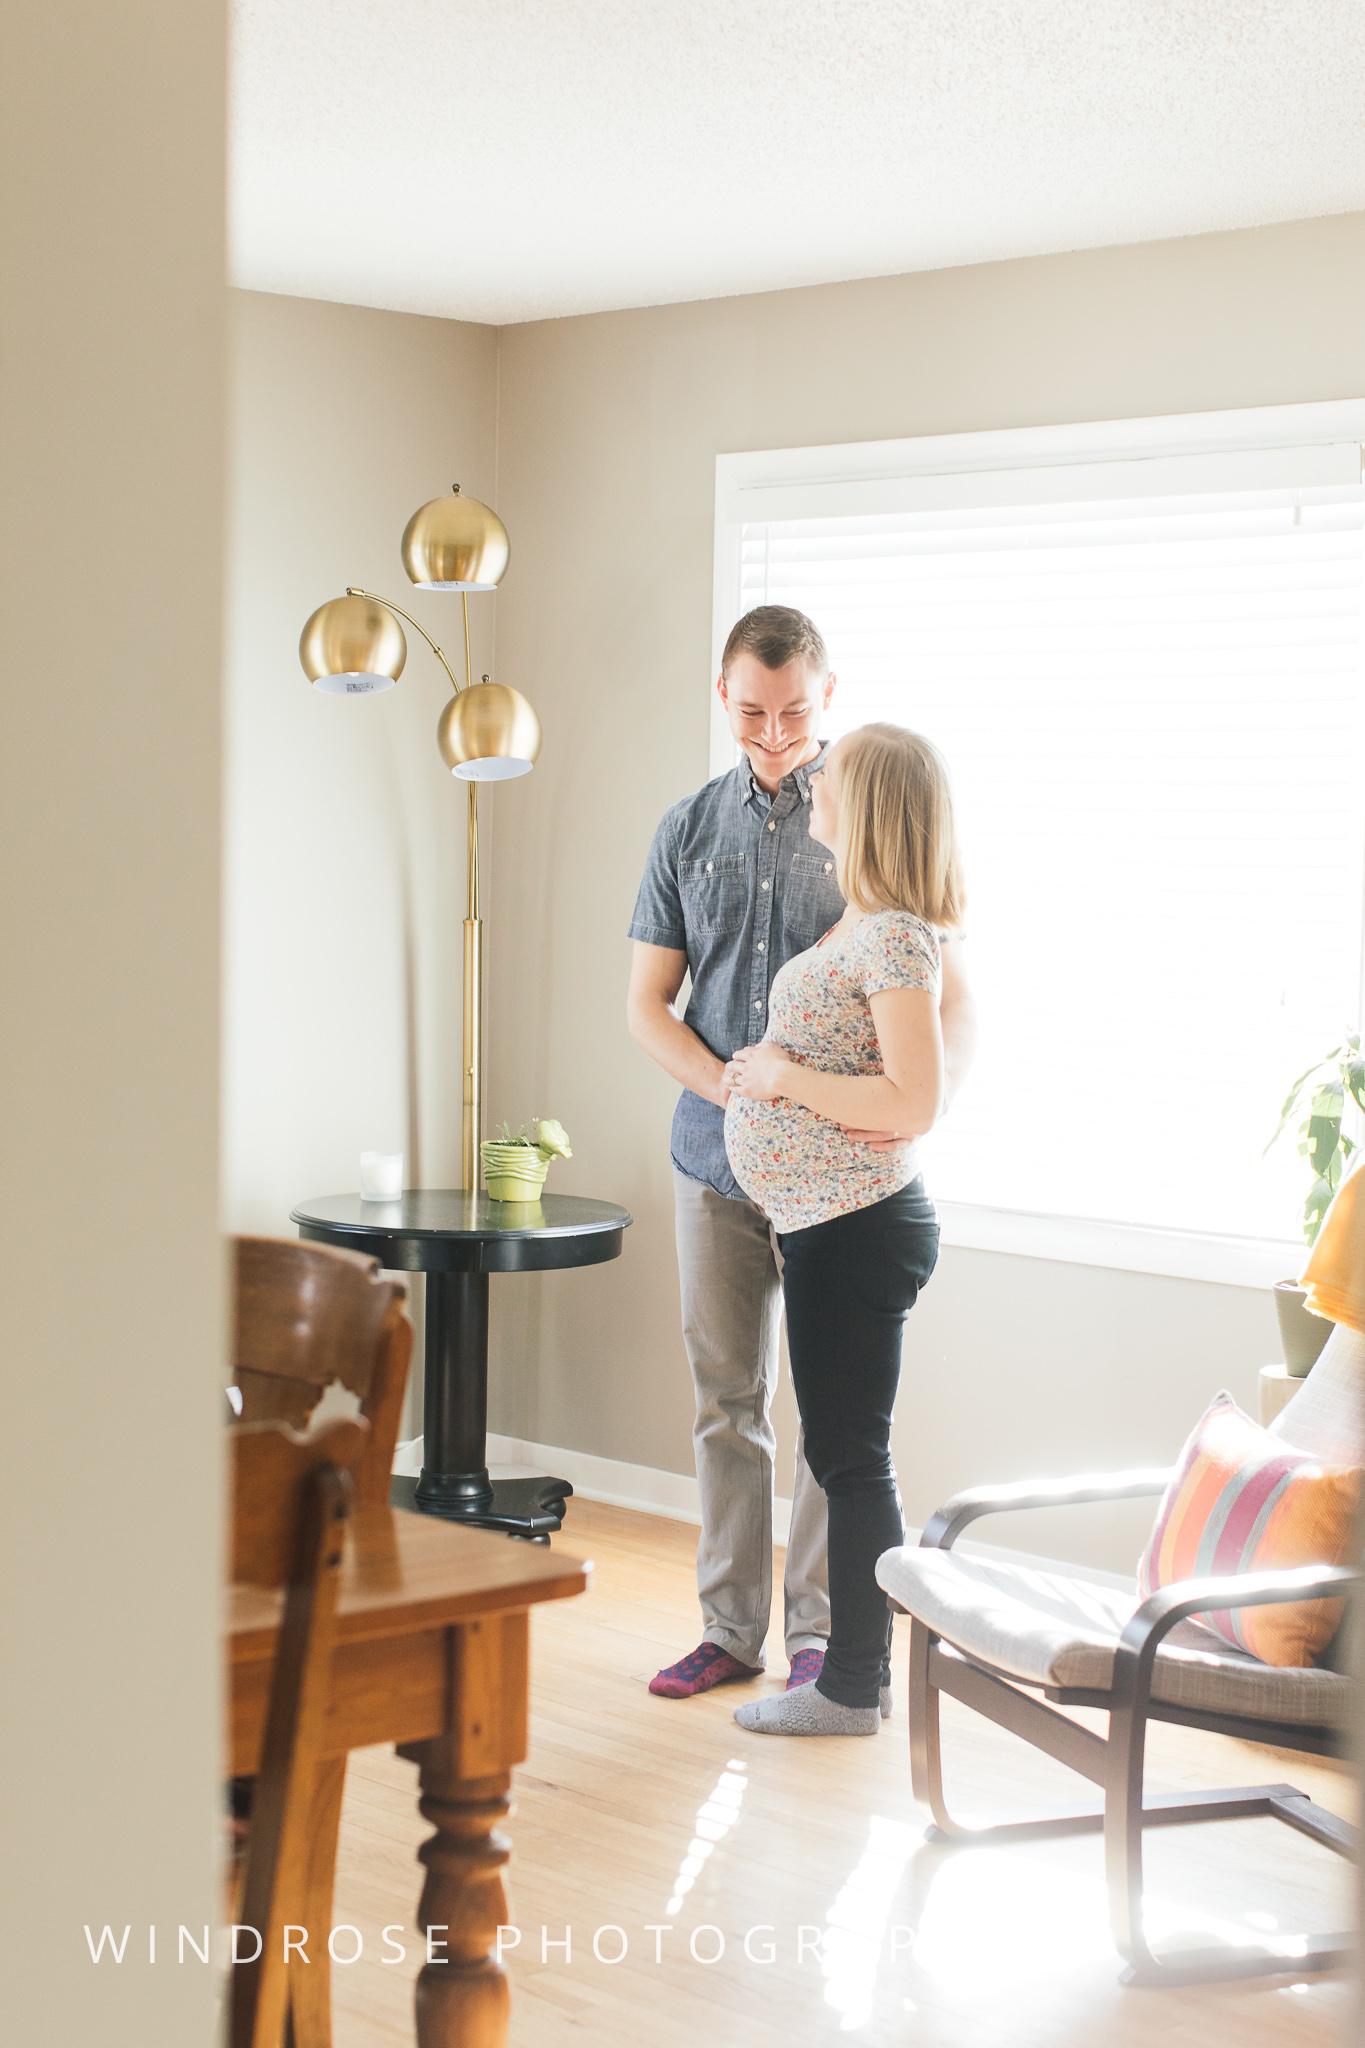 Rochester-MN-Maternity-Portraits-In-home-Plummer-House-4.jpg